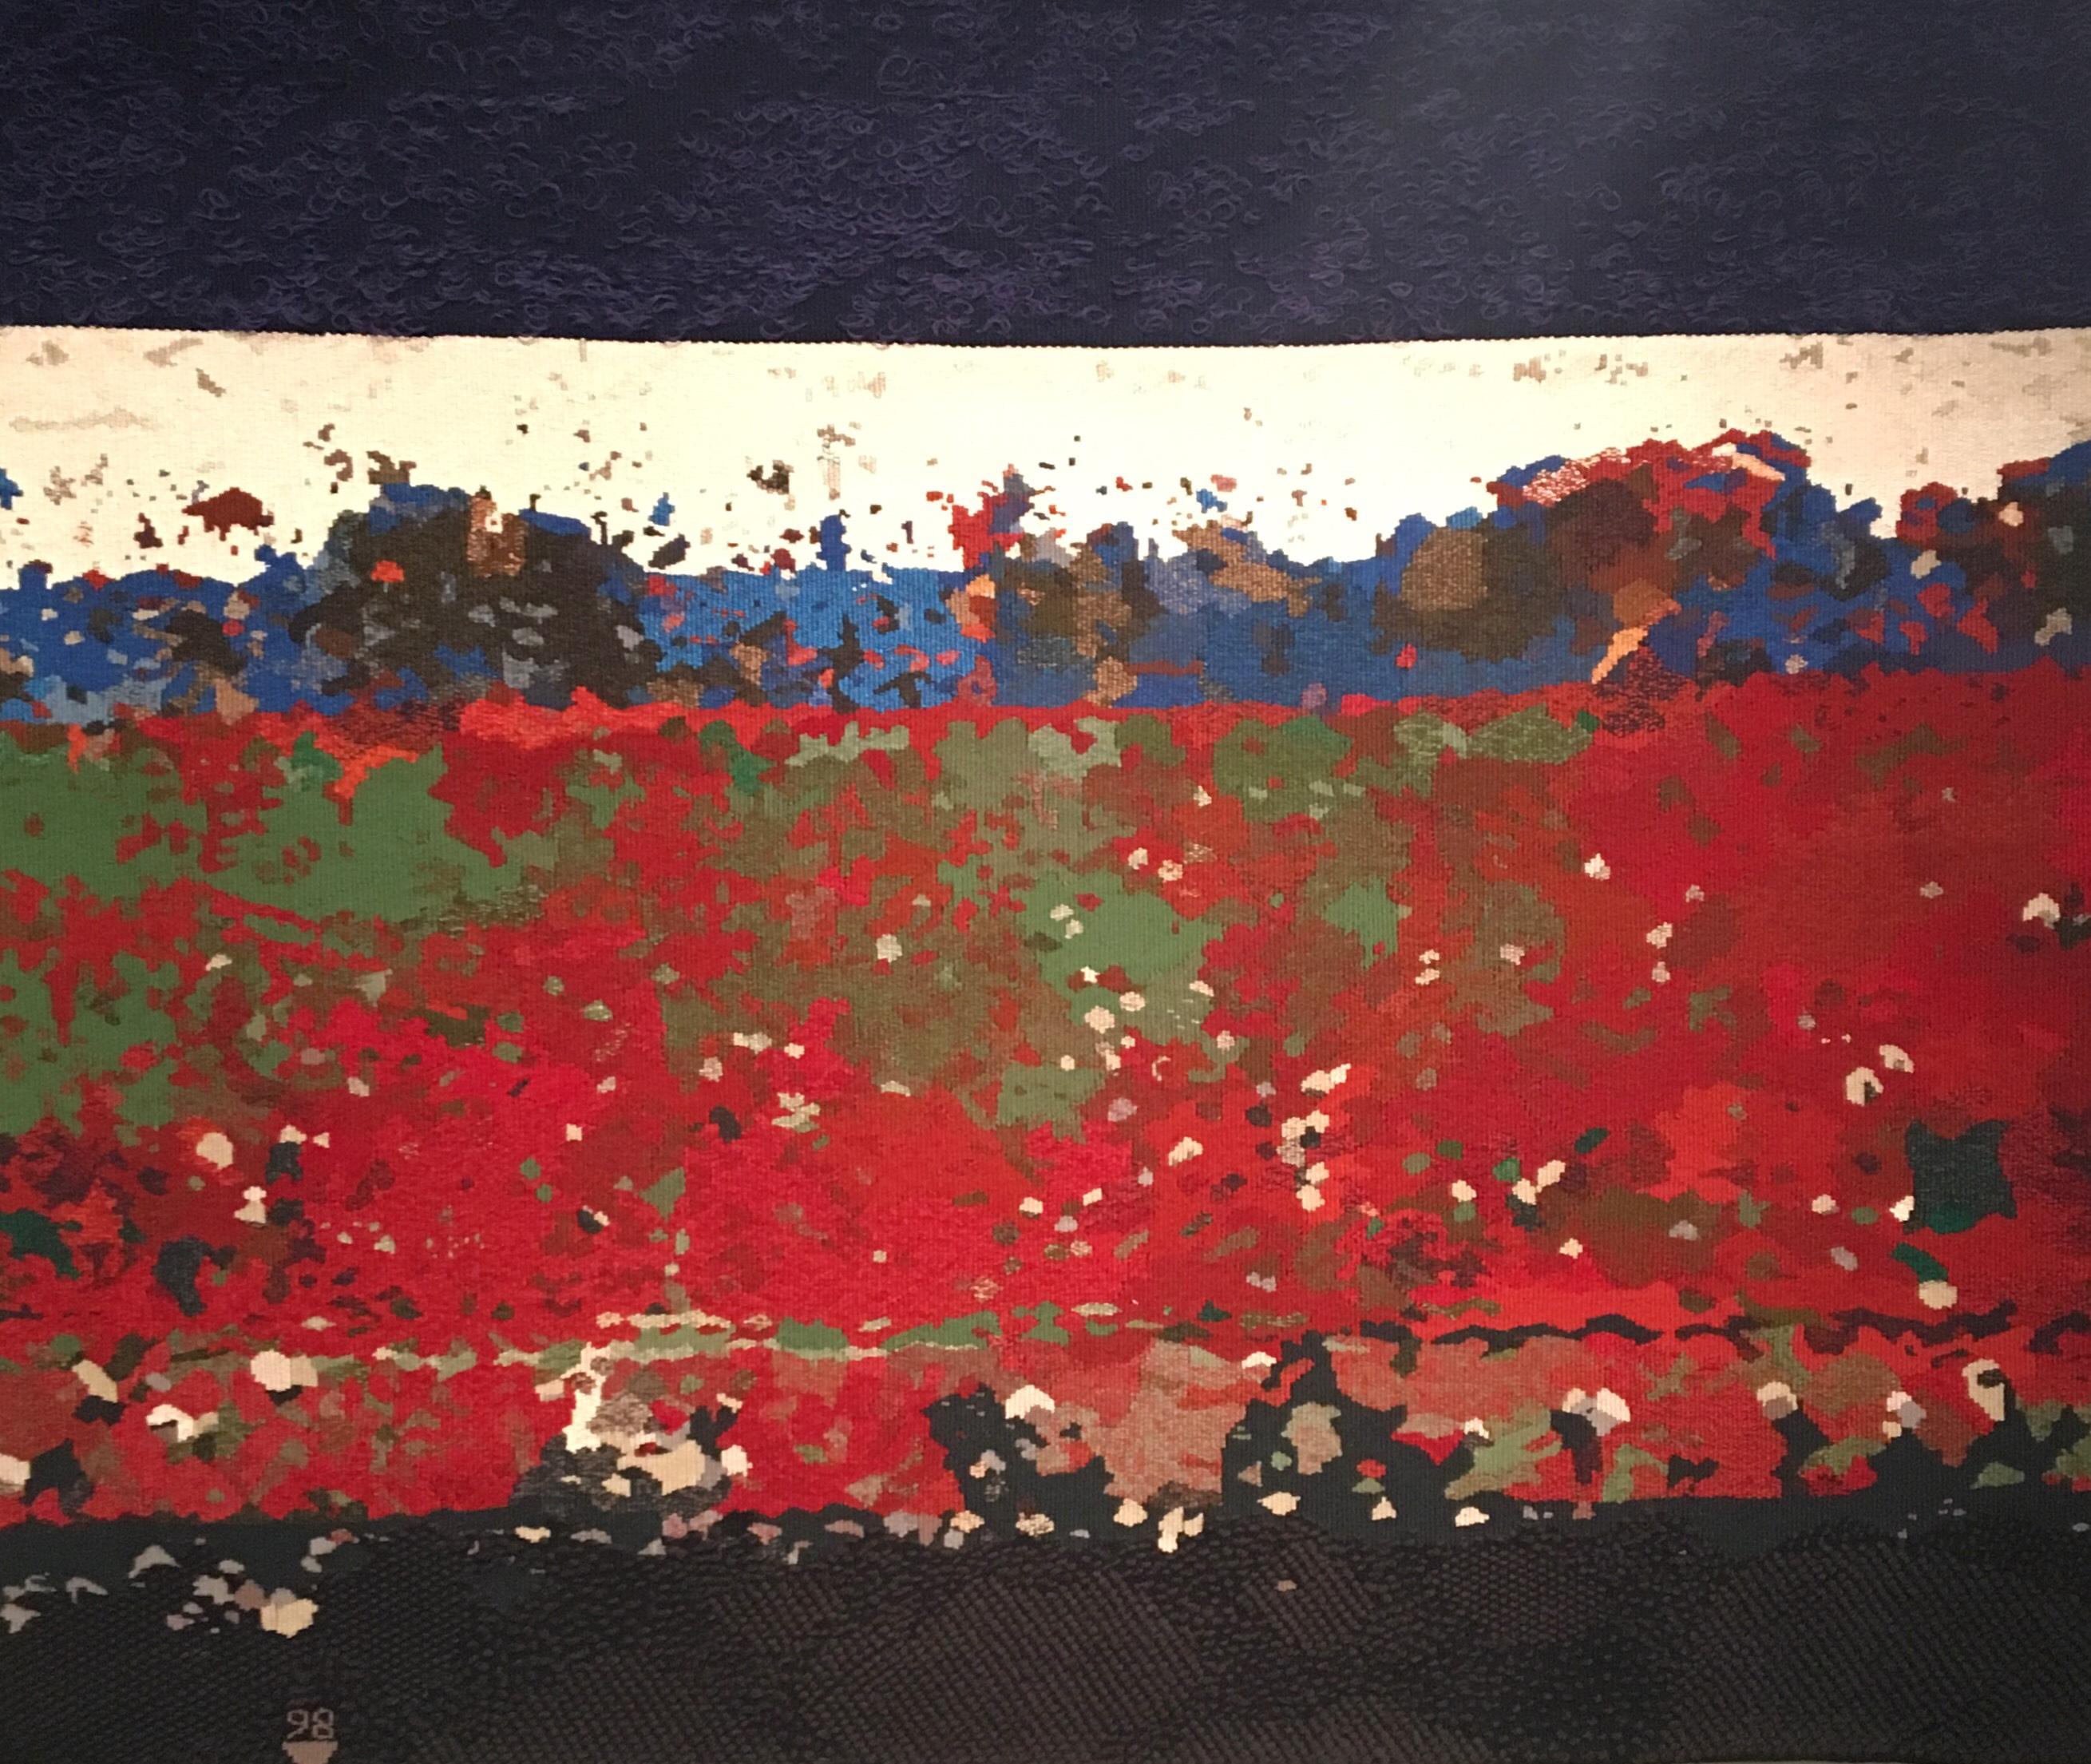 tapestry by Joanne Soroka